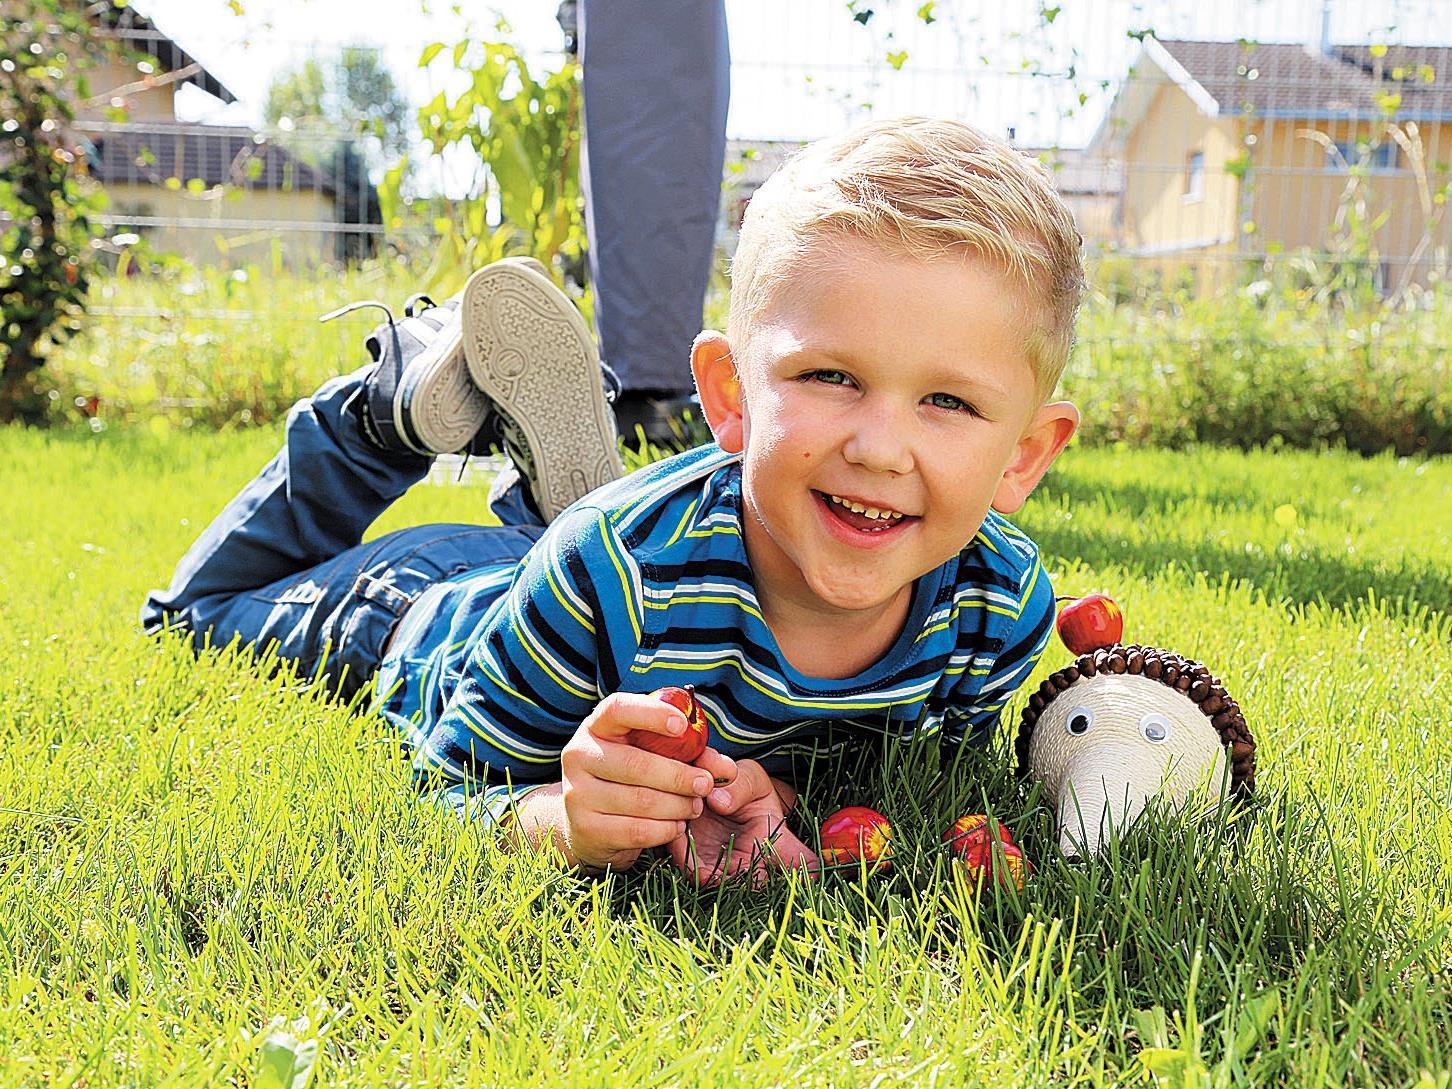 Jason Durell und sein Kaffeebohnen-Igel machen es sich im Gras gemütlich.